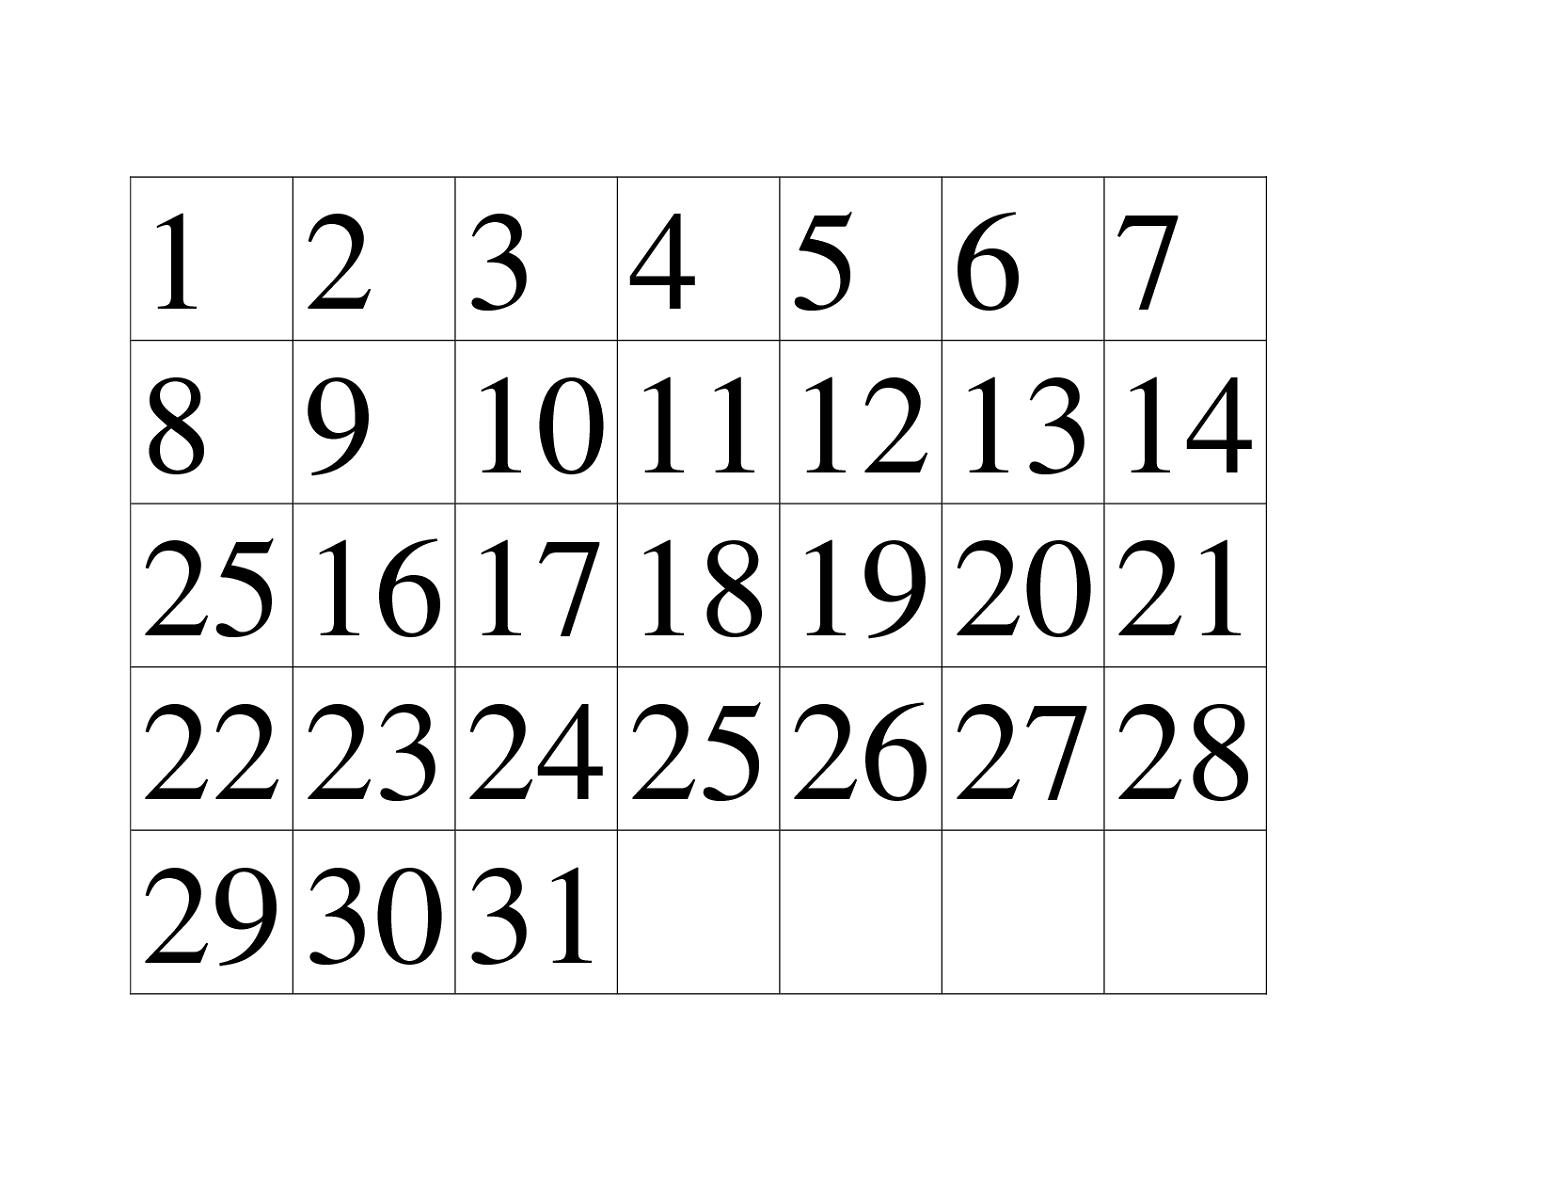 Printable Number 12 Worksheets | Printable Worksheets And Numbers 1 31 To Print